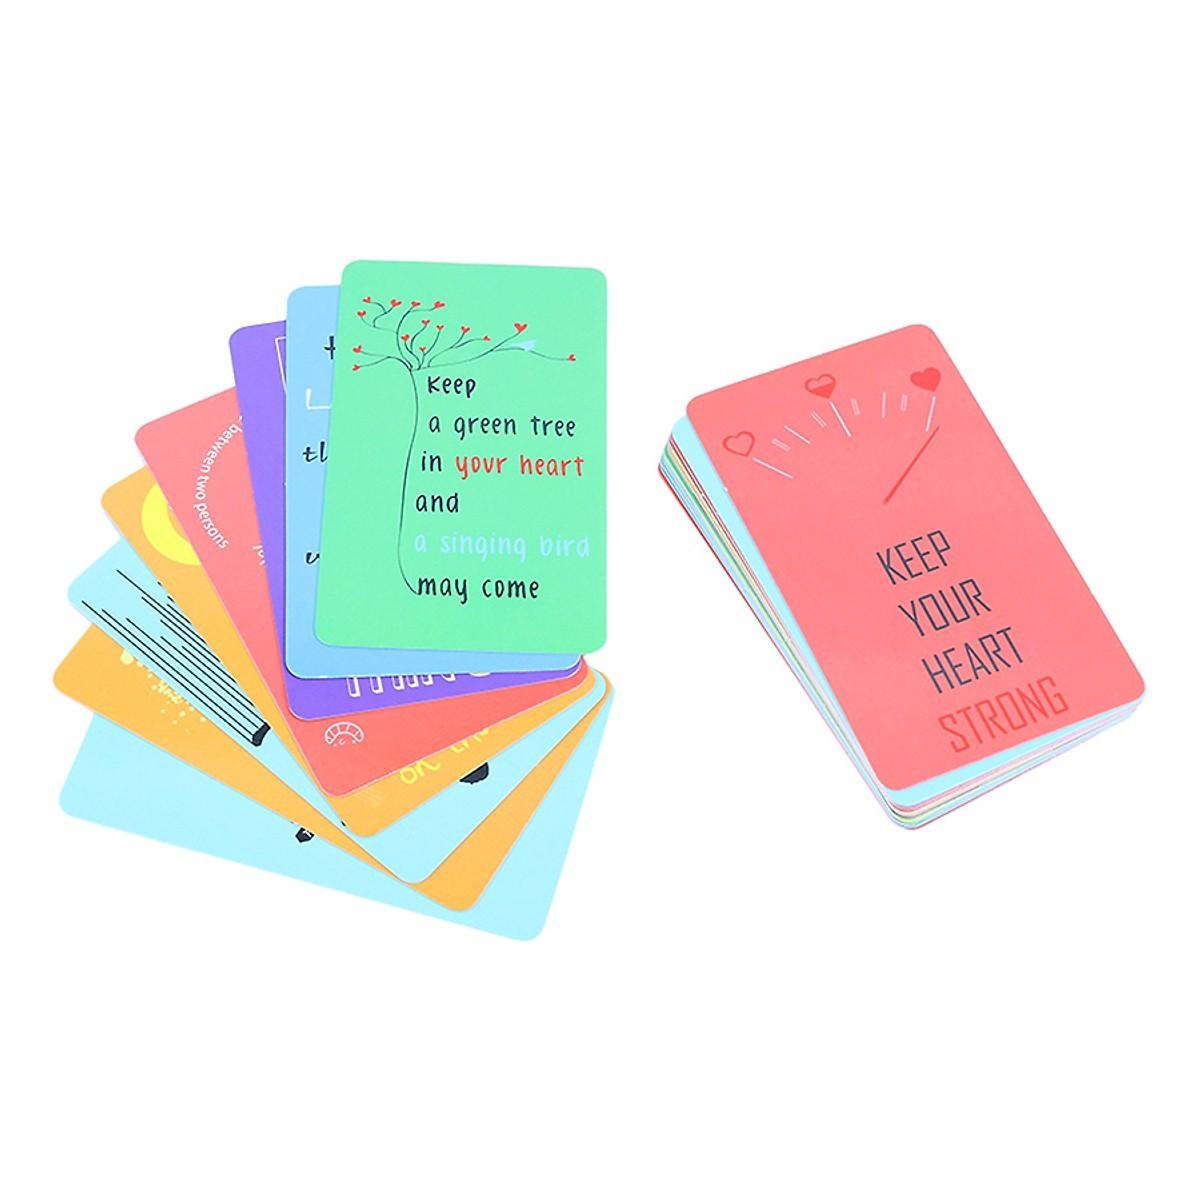 Combo Sách Doanh Nhân: David Ogilvy - Triều Đại Của Một Ông Hoàng Quảng Cáo + Ray Kroc Đã Tạo Nên Thương Hiệu Mcdonald'S Như Thế Nào? - (Tặng Kèm Postcarrd Greenlife)